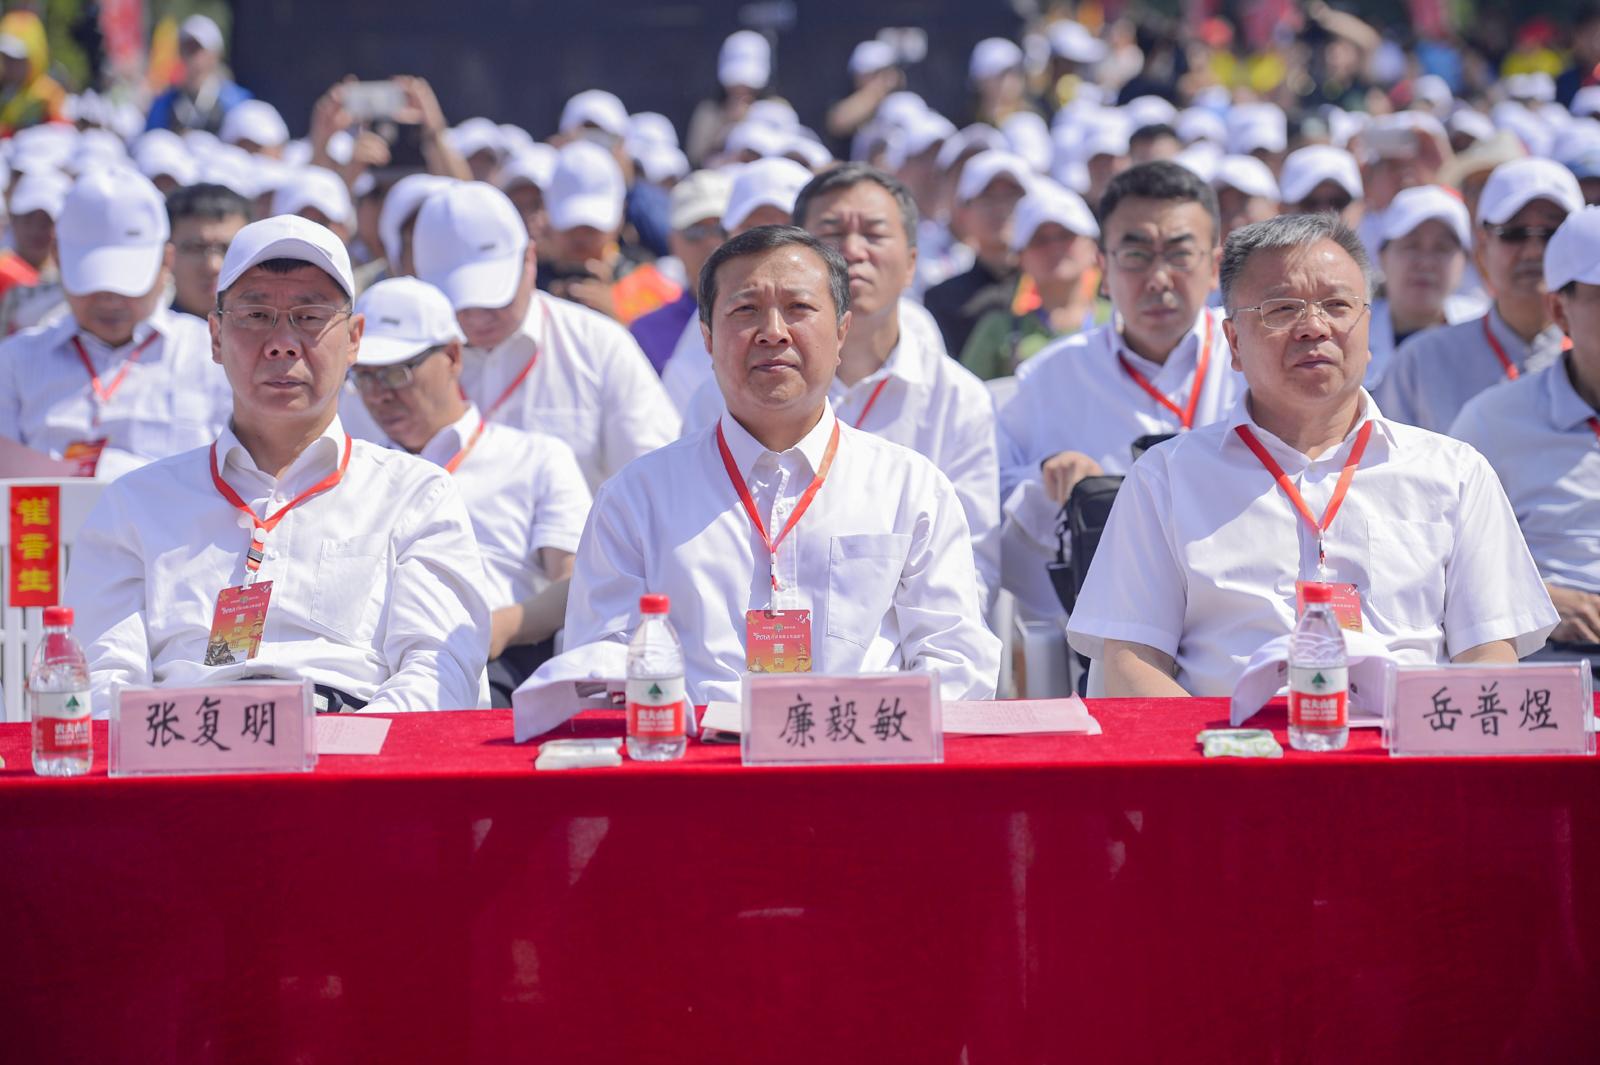 2018首届尧都文化旅游节盛大开幕